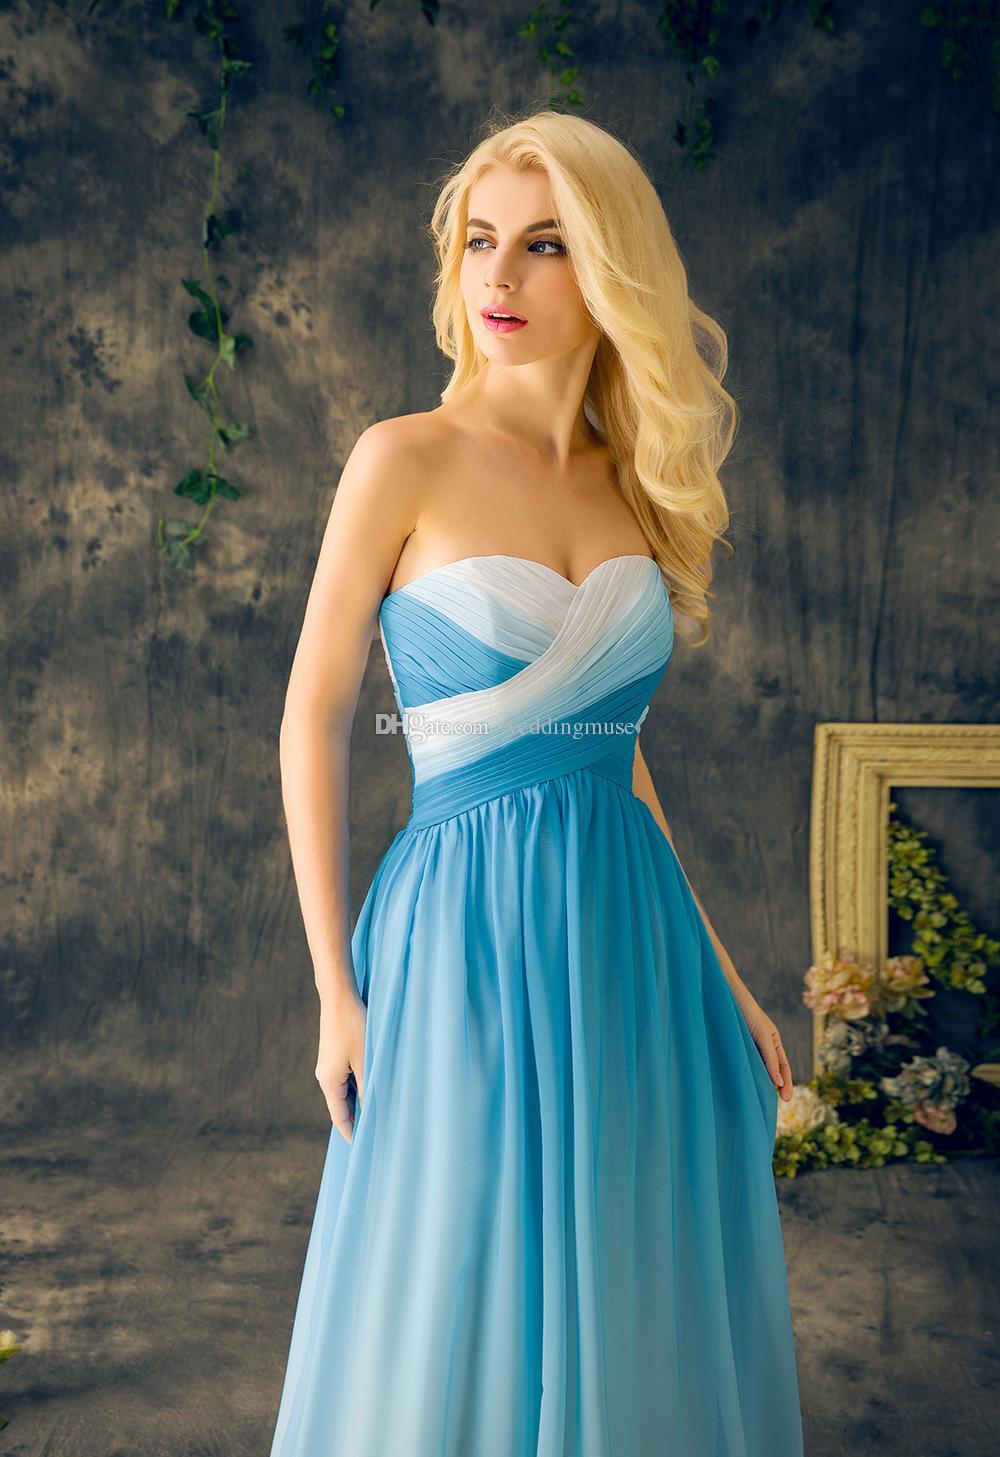 저렴 한 국가 신부 들러리 드레스 긴 파란색 그라디언트 색상 쉬폰 걸레 주름 레이스 플러스 크기 메이드의 명예 드레스 EV137